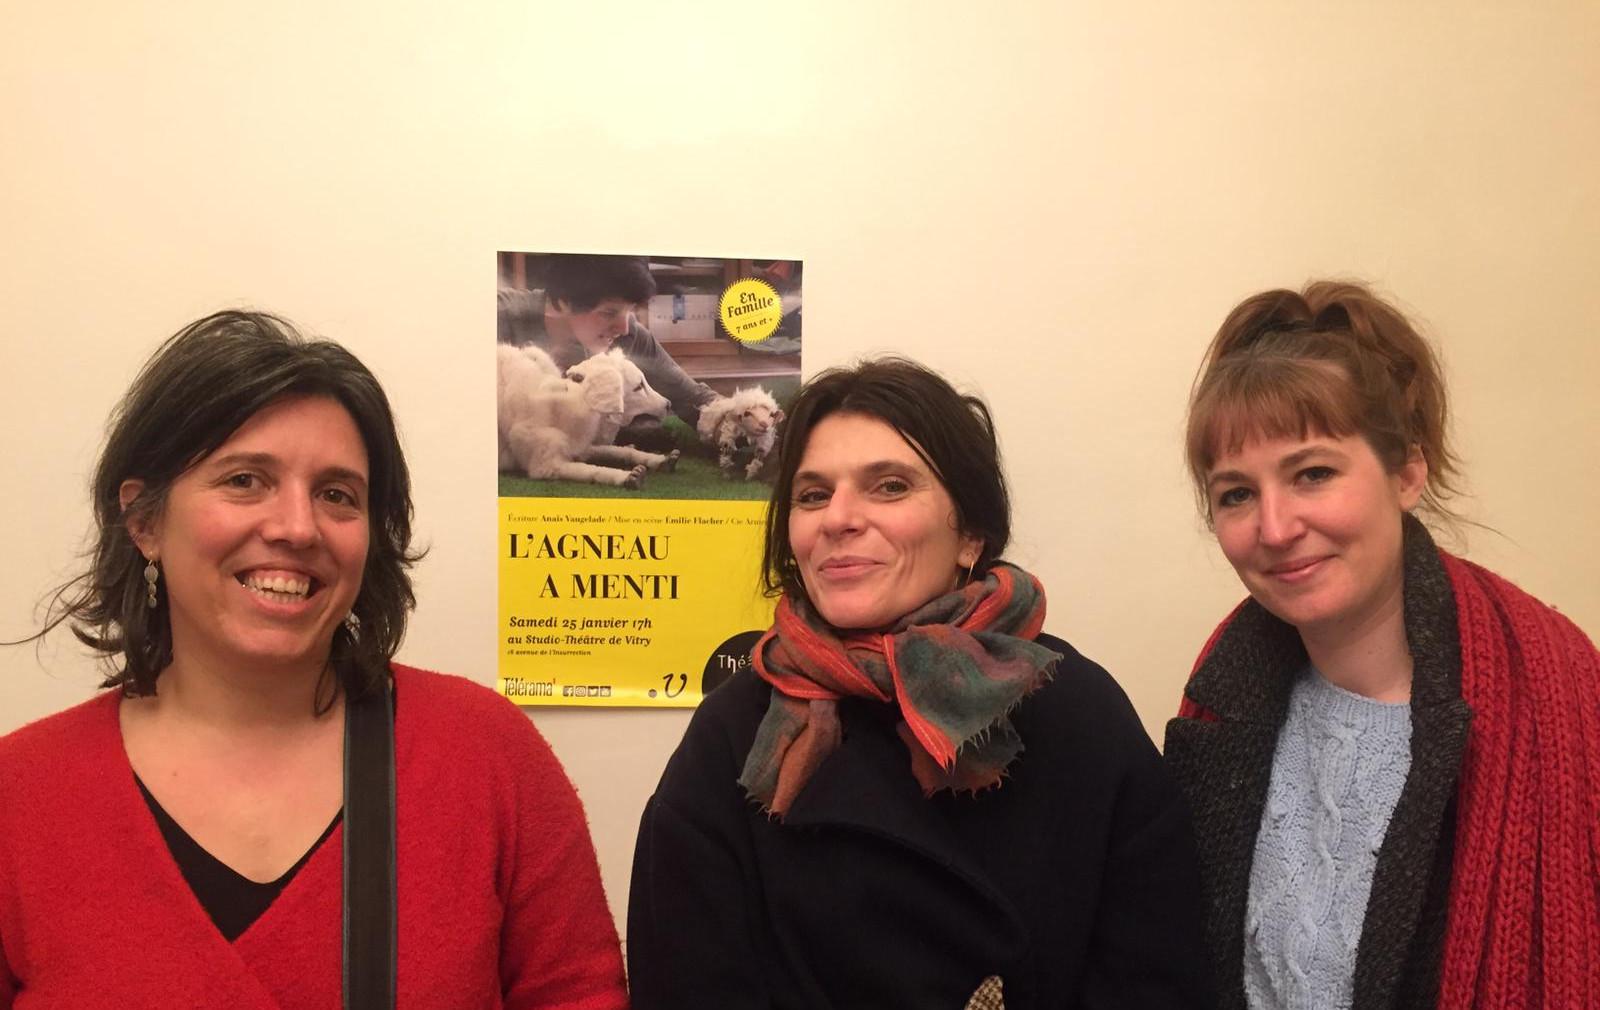 Emilie Flacher avec Anaïs Vaugelade, Gwendoline Soublin &